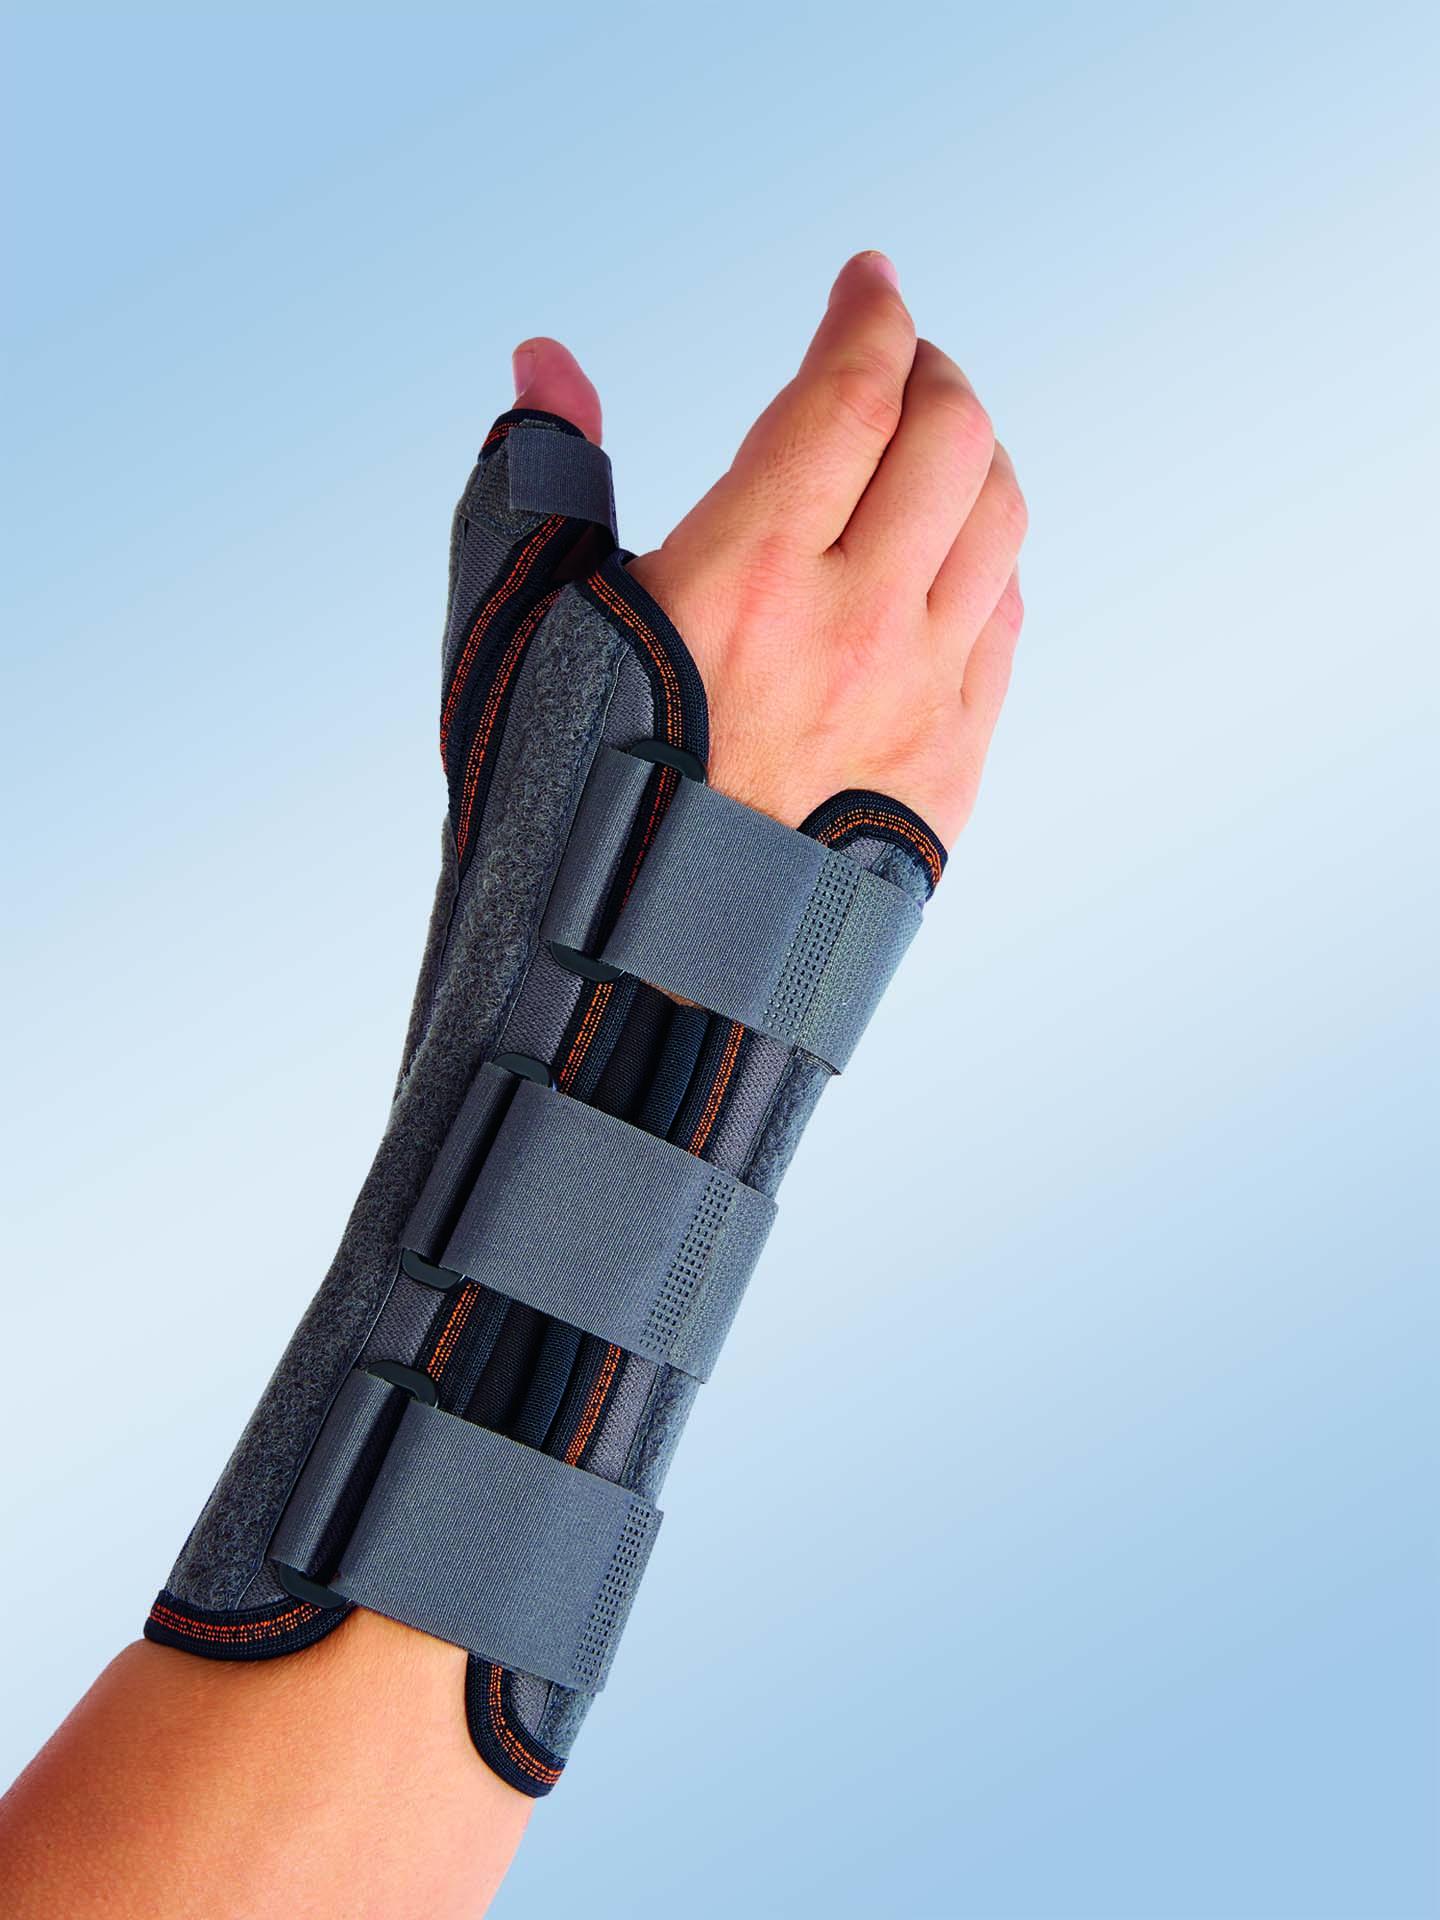 Cum recunosti o fractura | thelightdesign.ro - Leziune la încheietura mâinii cum să tratezi